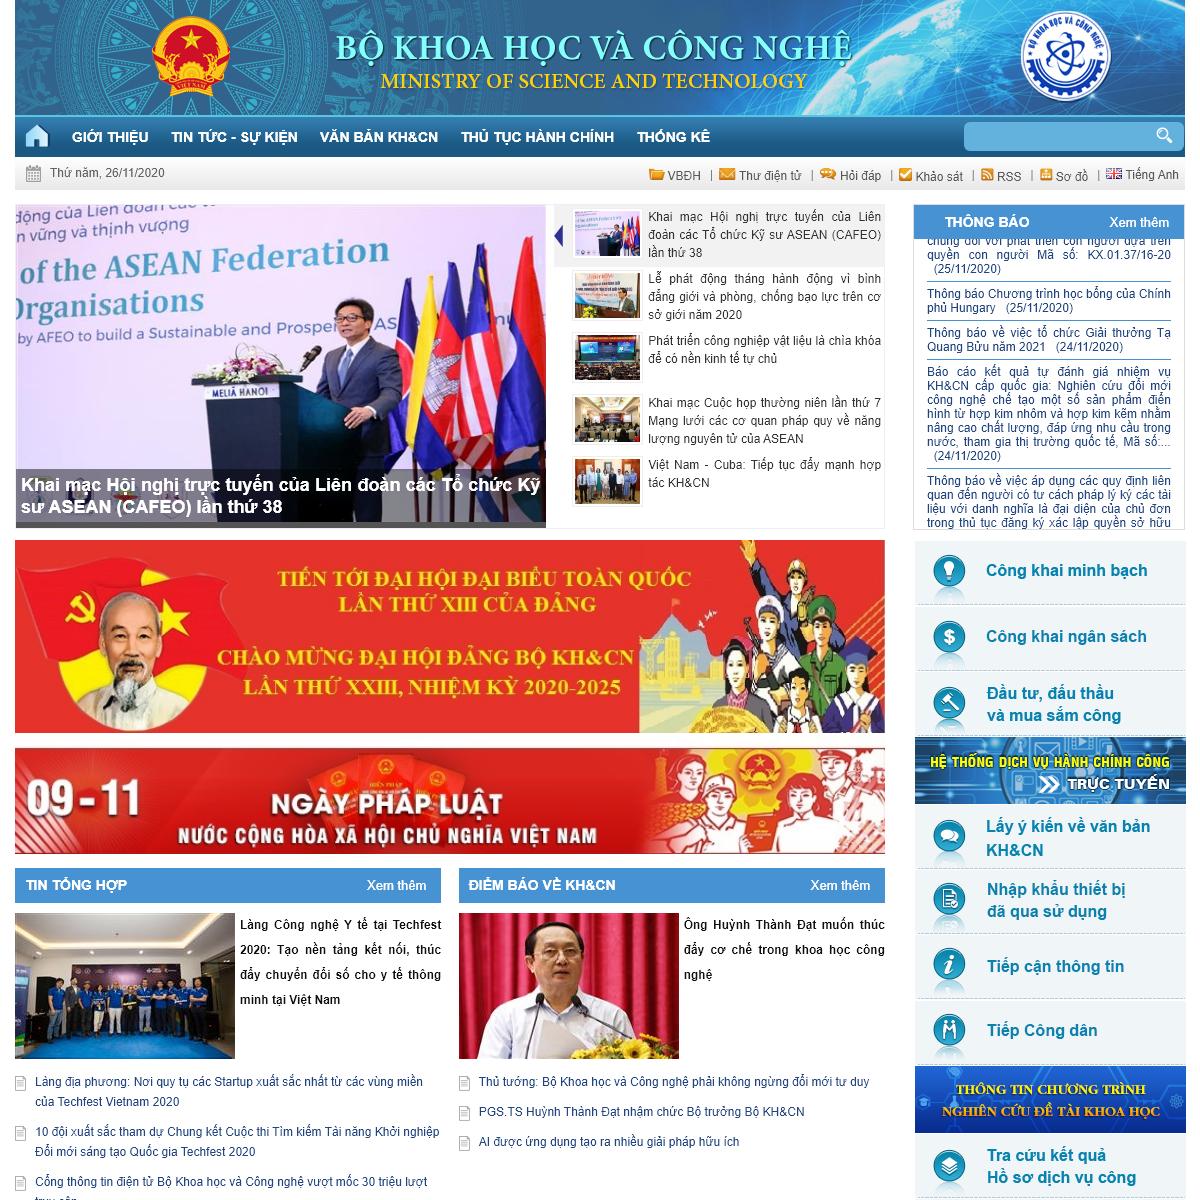 Cổng TTĐT Bộ Khoa học và Công nghệ